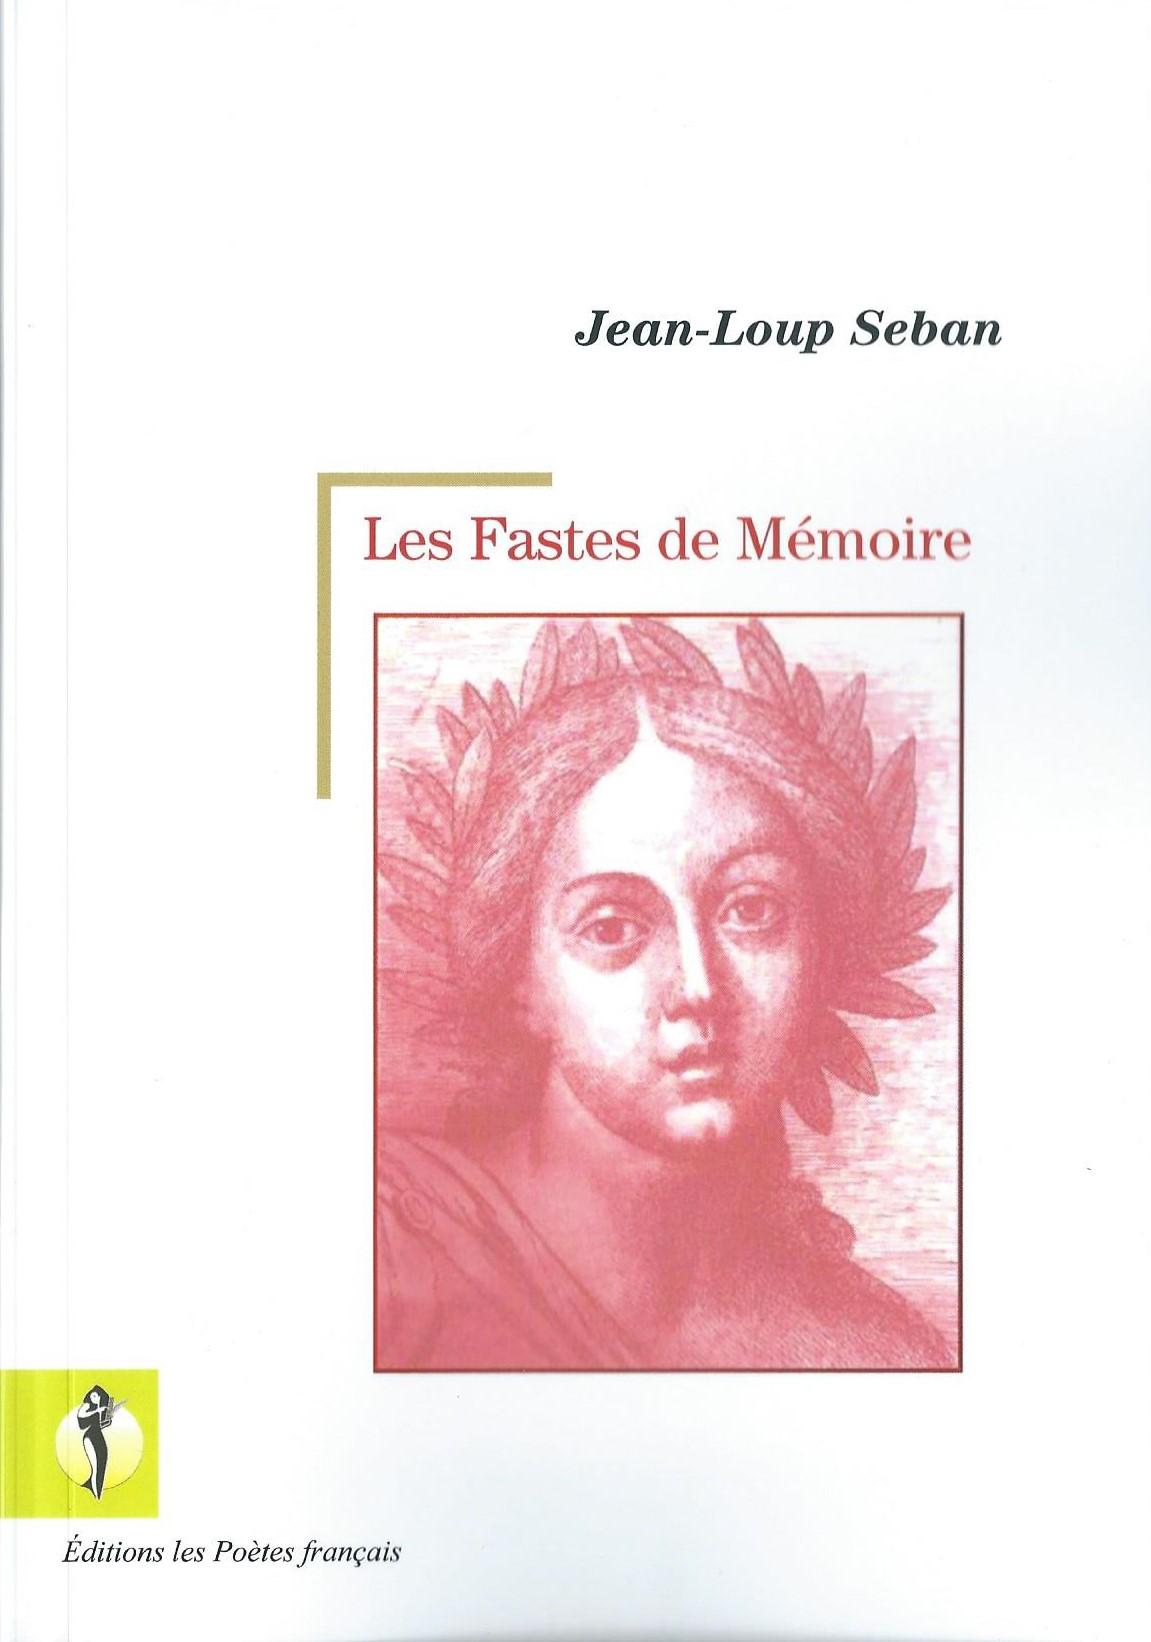 JEAN-LOUP SEBAN - Les Fastes de Mémoire